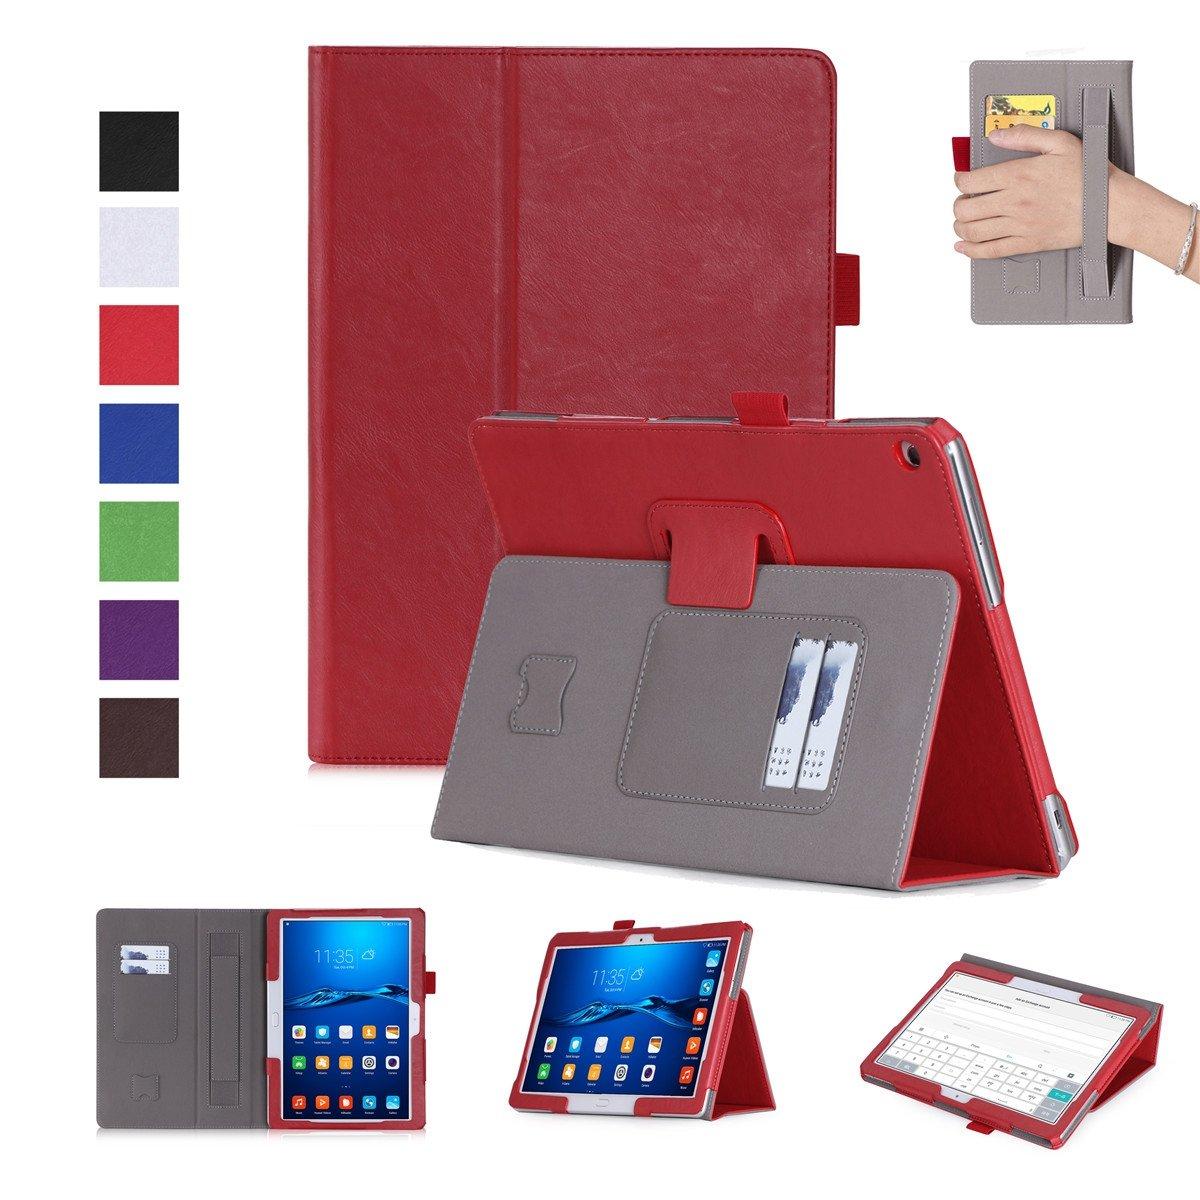 【値下げ】 FugouSell Huawei MediaPad M3 Lite Huawei 10.0用ケース MediaPad プレミアムPUレザー[フリップスタンド] M3 スリム財布ケース フルボディ保護カバー Huawei MediaPad M3 Lite 10.0用 (レッド) B07LCGP65C, プチアーク:7a790cfc --- a0267596.xsph.ru